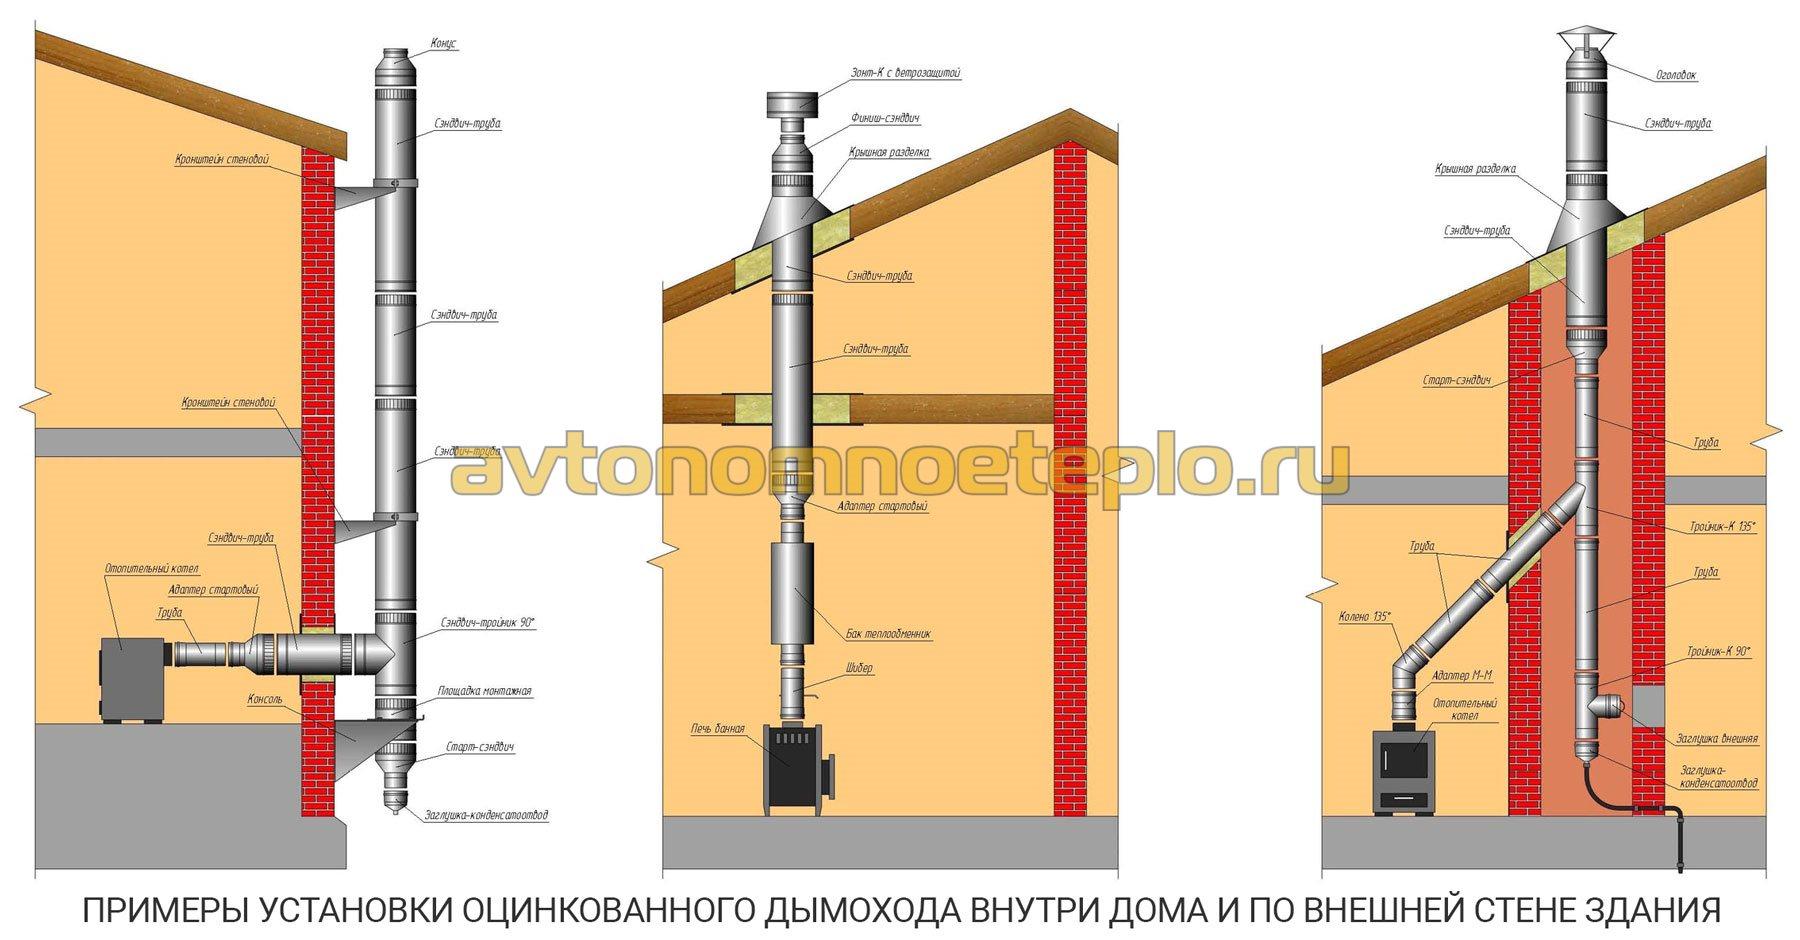 Чем изолировать трубу дымохода: чем обмотать, заизолировать металлическую дымовую трубу, утепление, изоляция железной дымоходной печной трубы